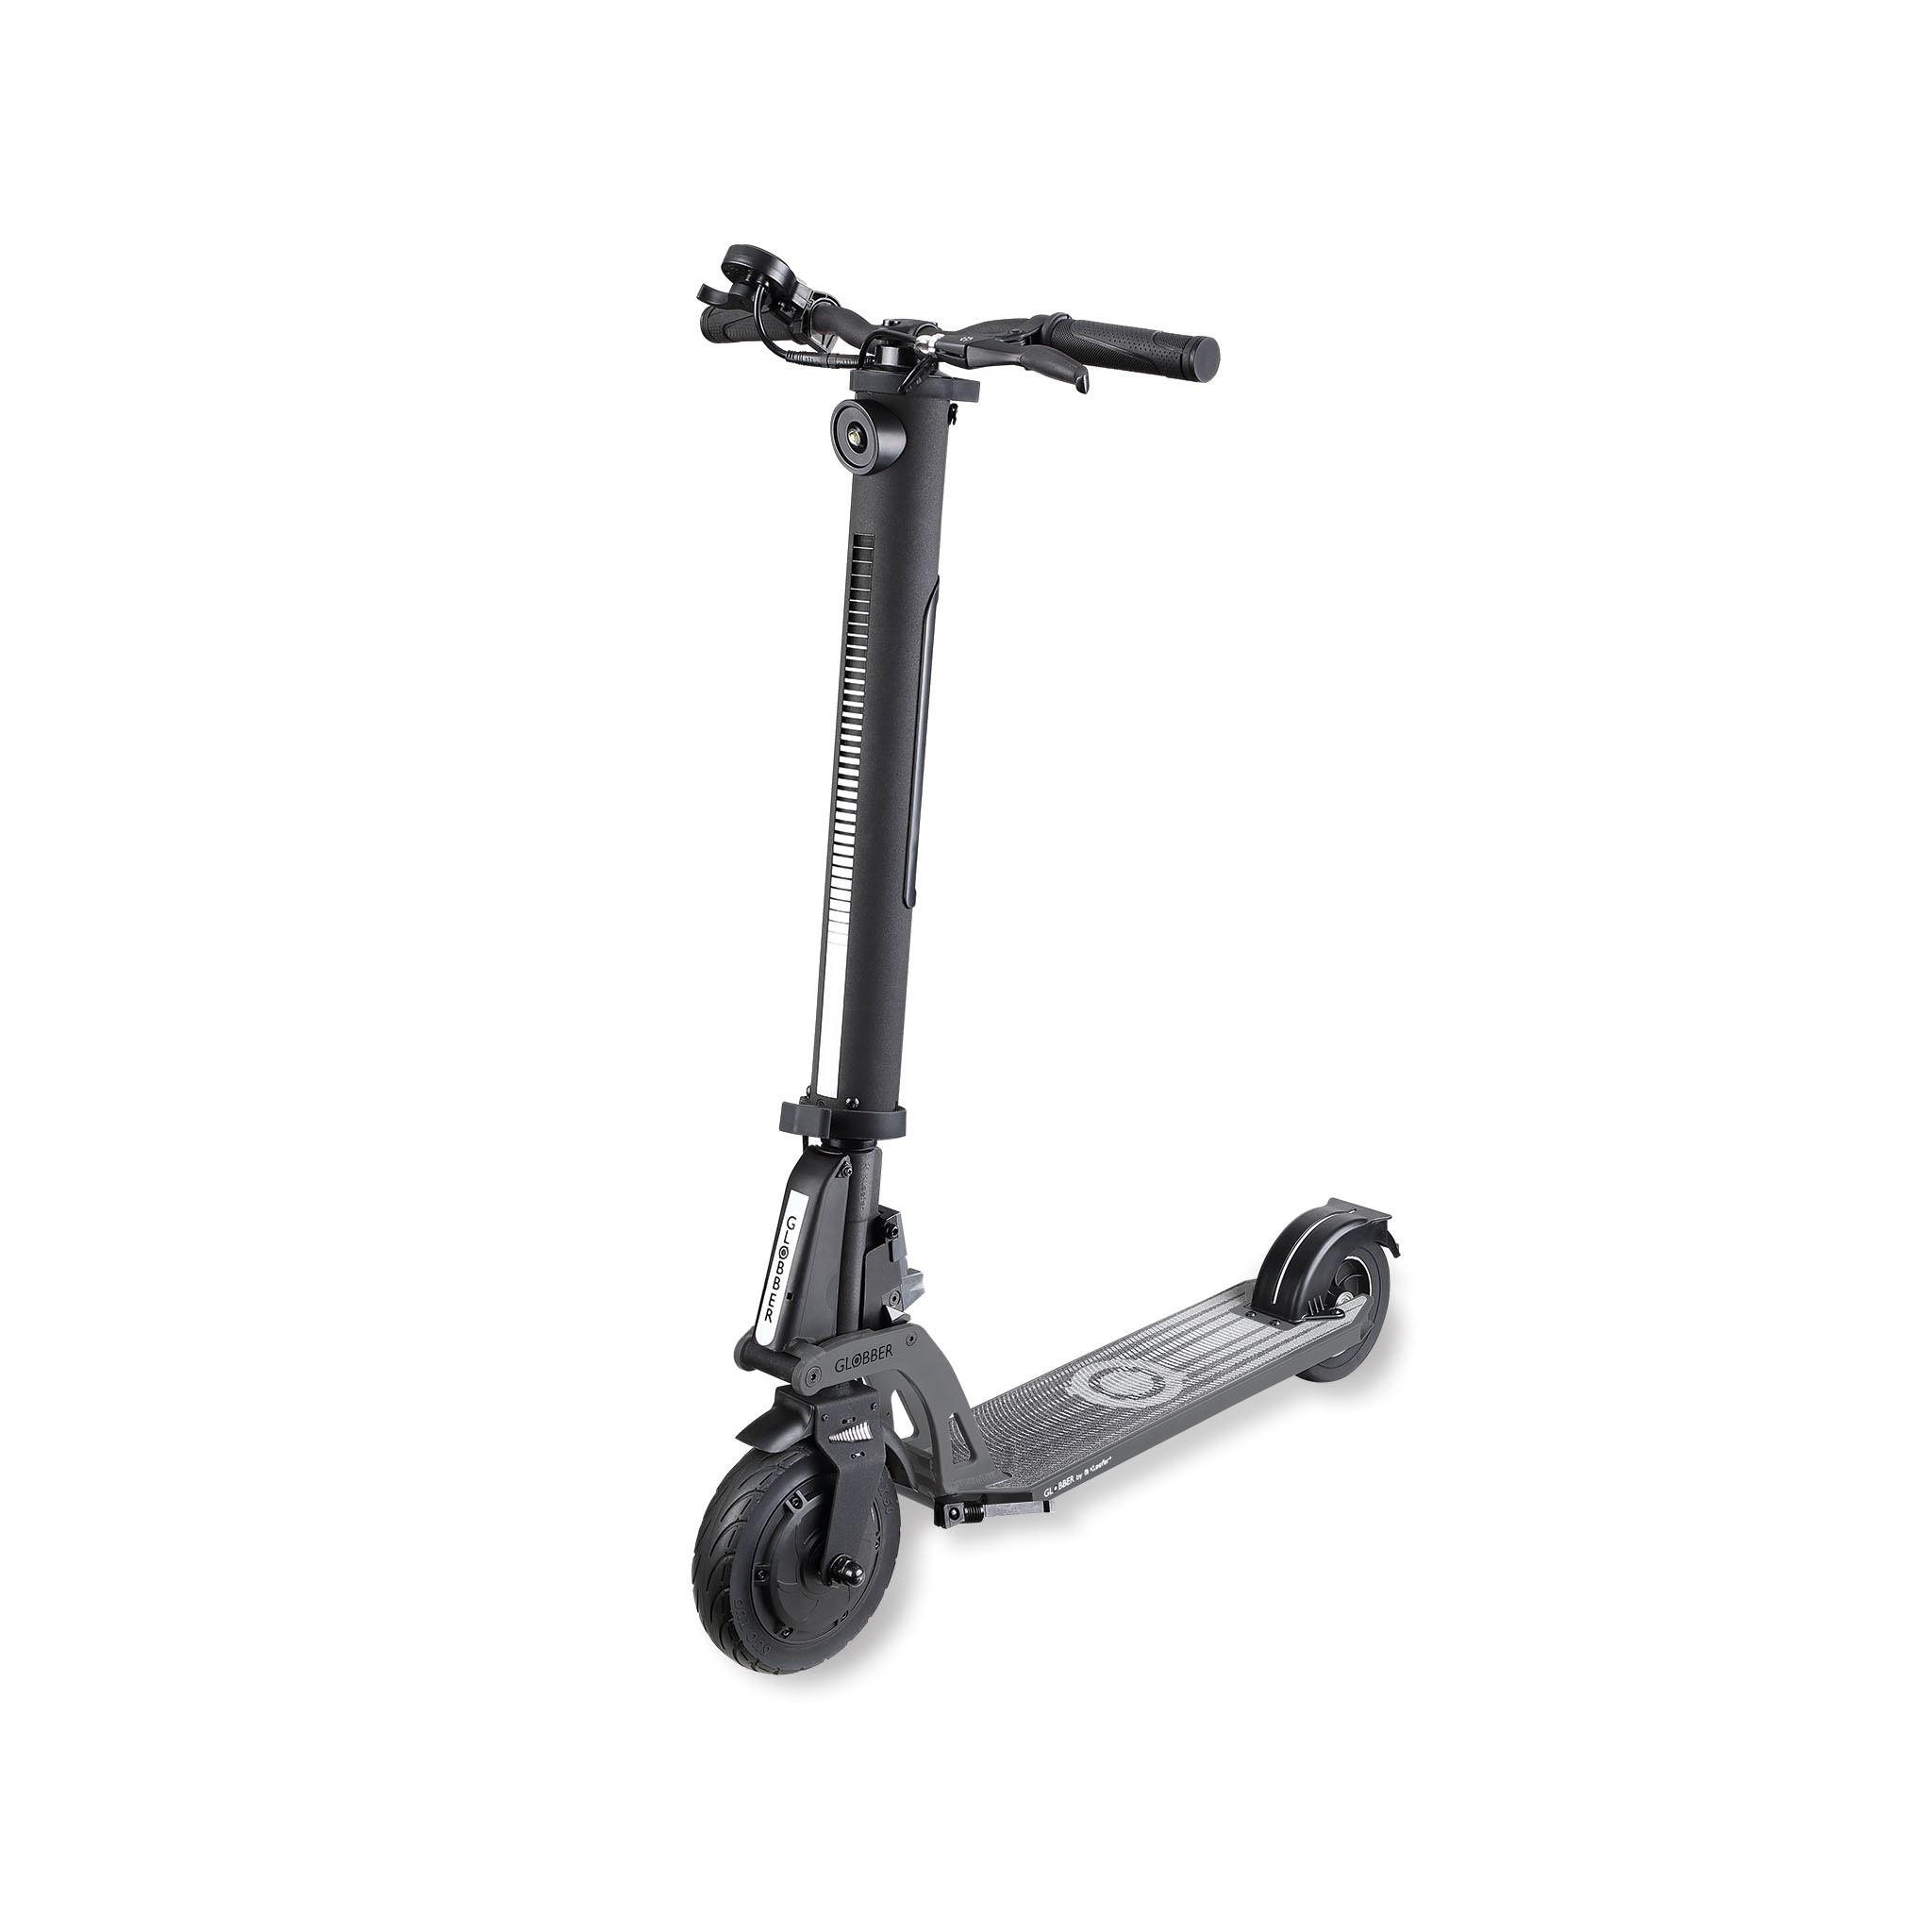 Globber ONE K E-MOTION Trottinette electrique adulte avec roues en  caoutchouc, haute performance, batterie Lithium longue durée, supportant  jusqu'à 100 kg